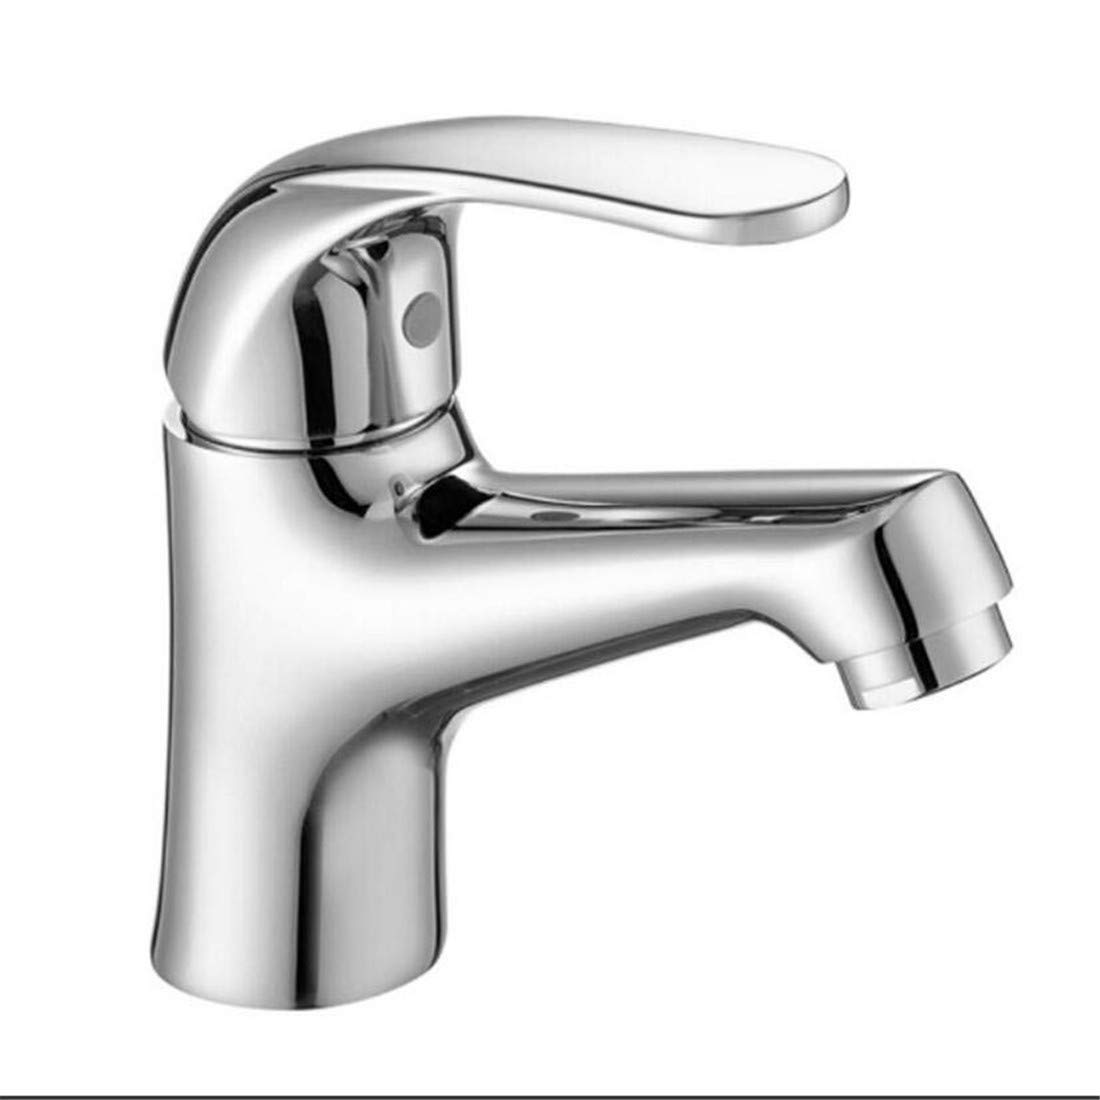 Vintage Chrom Messing Küche Badezimmer Wasserhähne Einloch-alle Kupfer kalt und heiß Becken Wasserhahn